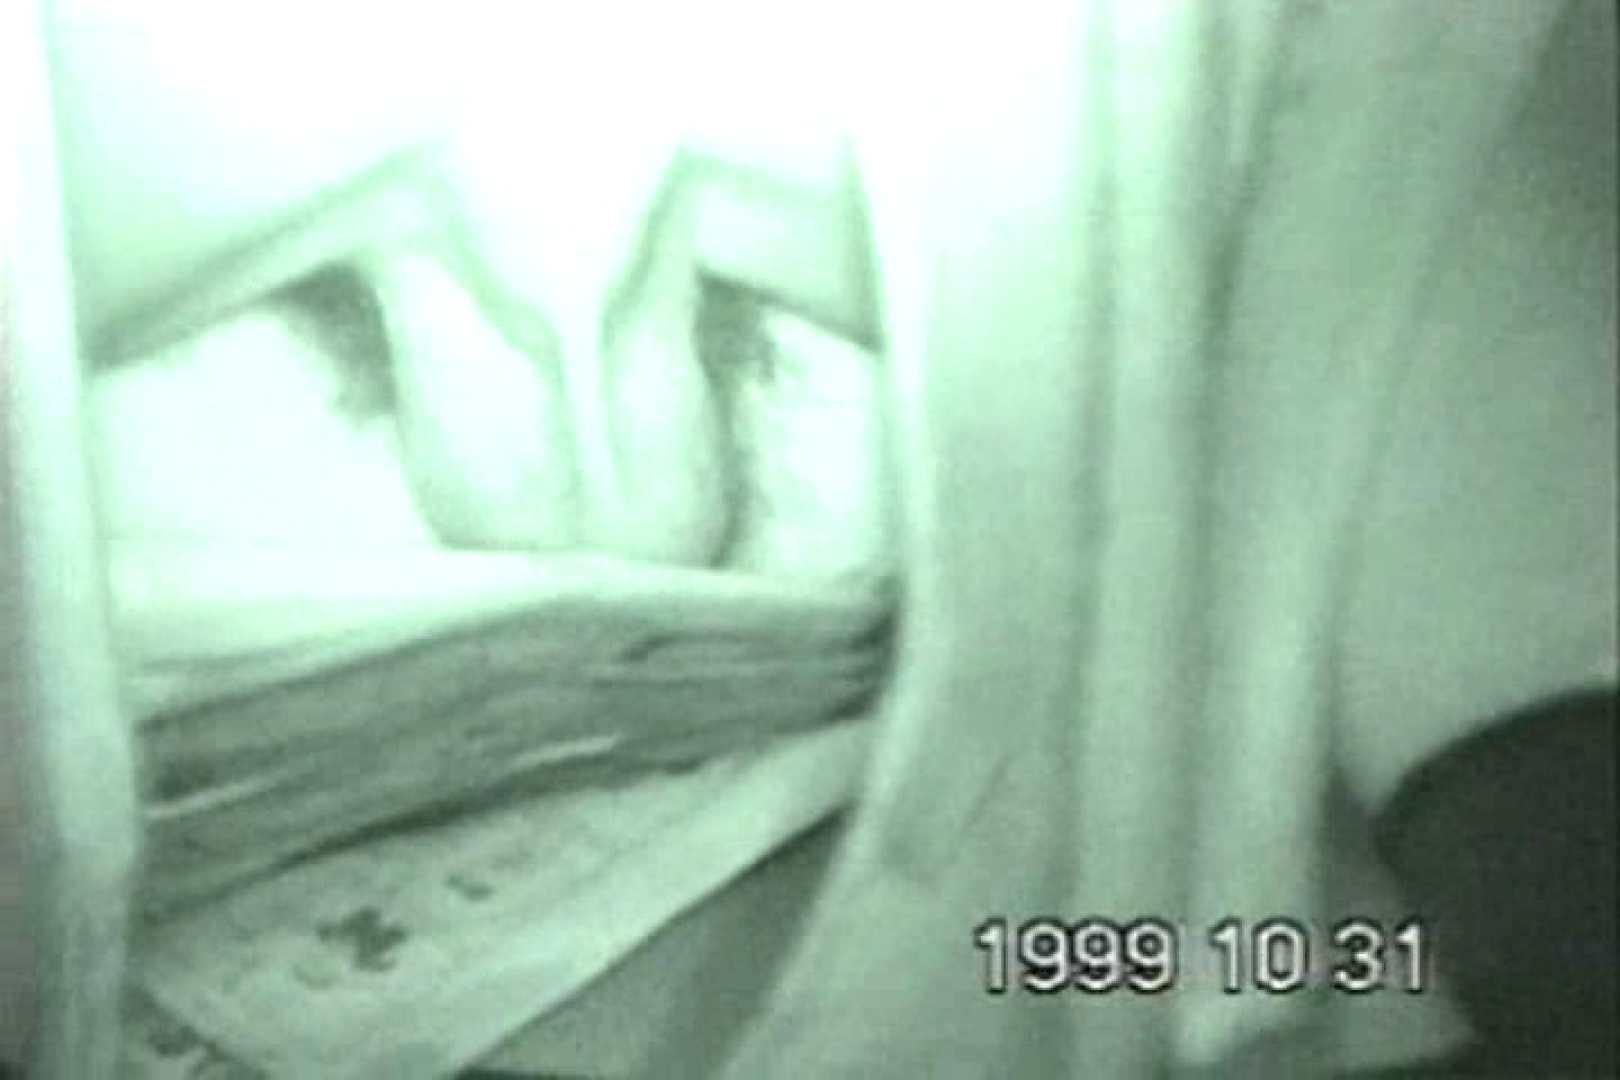 蔵出し!!赤外線カーセックスVol.6 エロティックなOL 盗み撮り動画 81画像 74